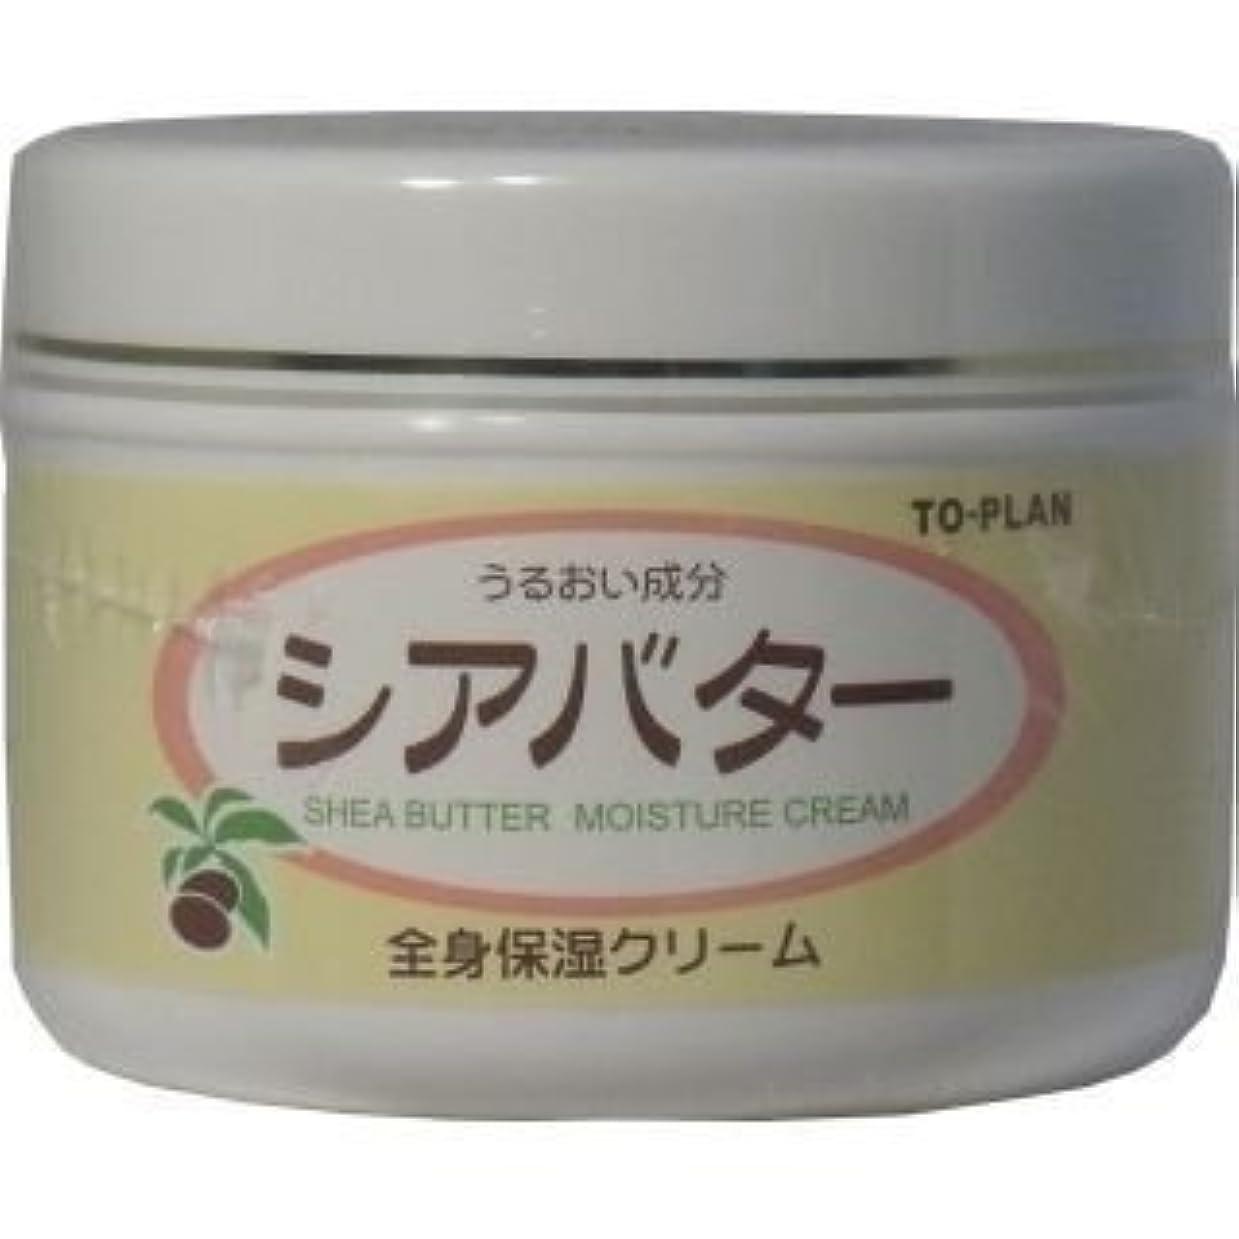 ばかげた器具思想【セット品】シアバター全身保湿クリーム 170g 4個